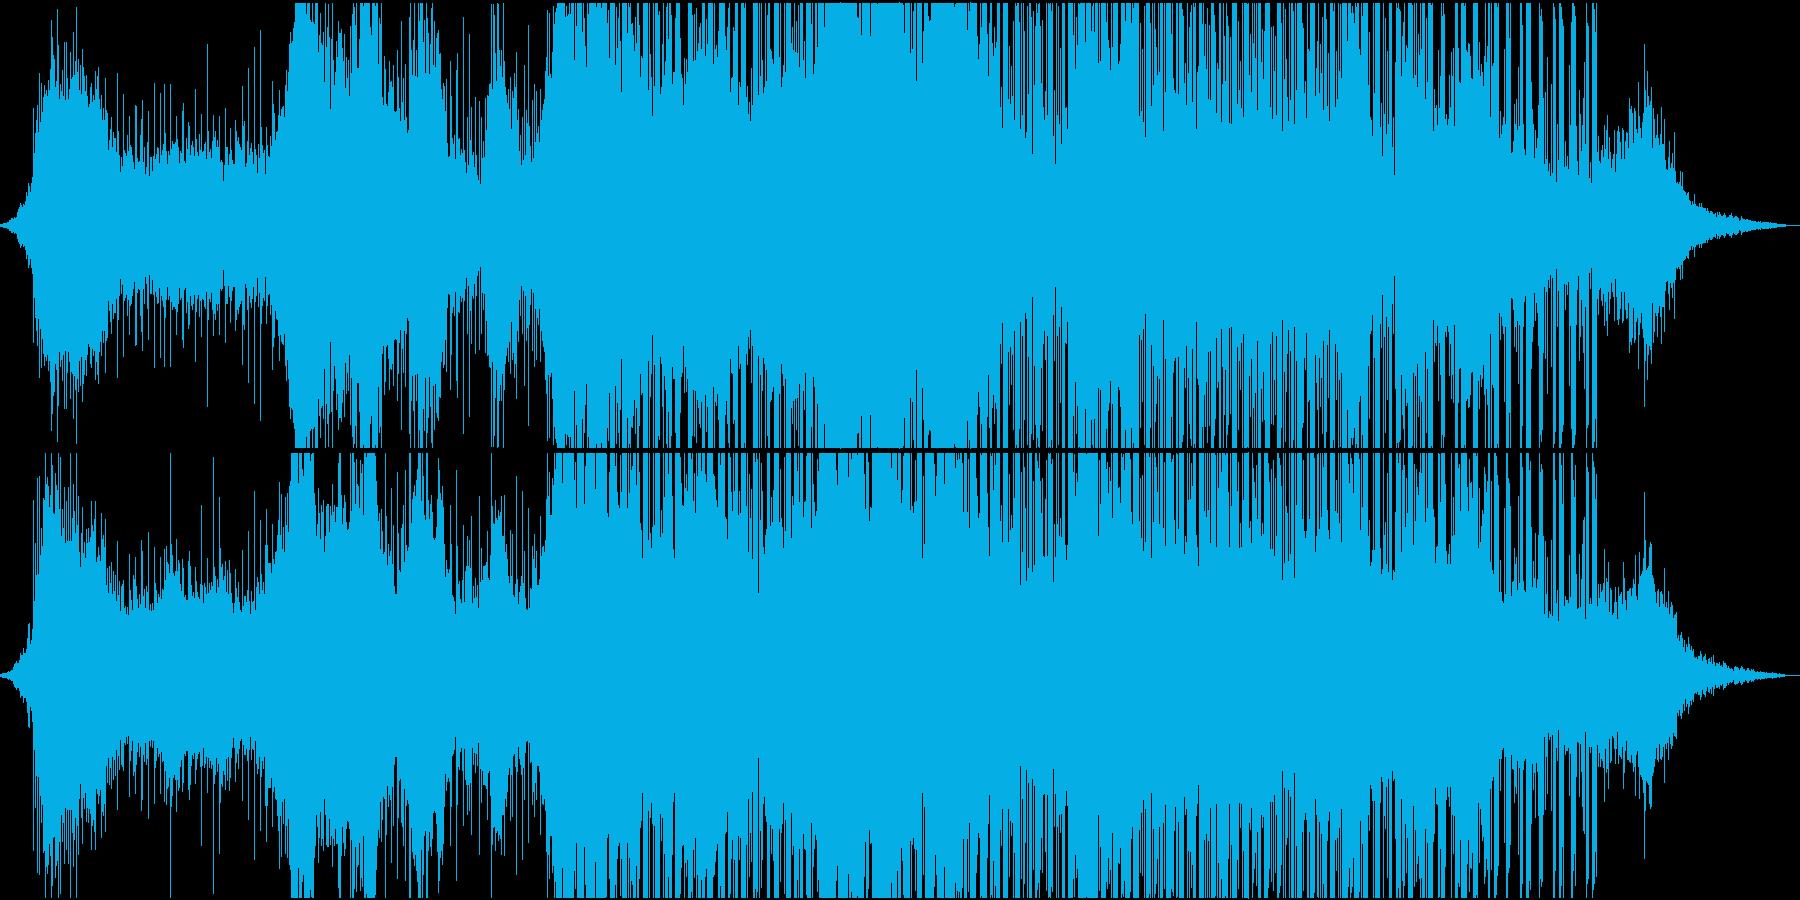 エキゾチックで神秘的なサウンドの再生済みの波形